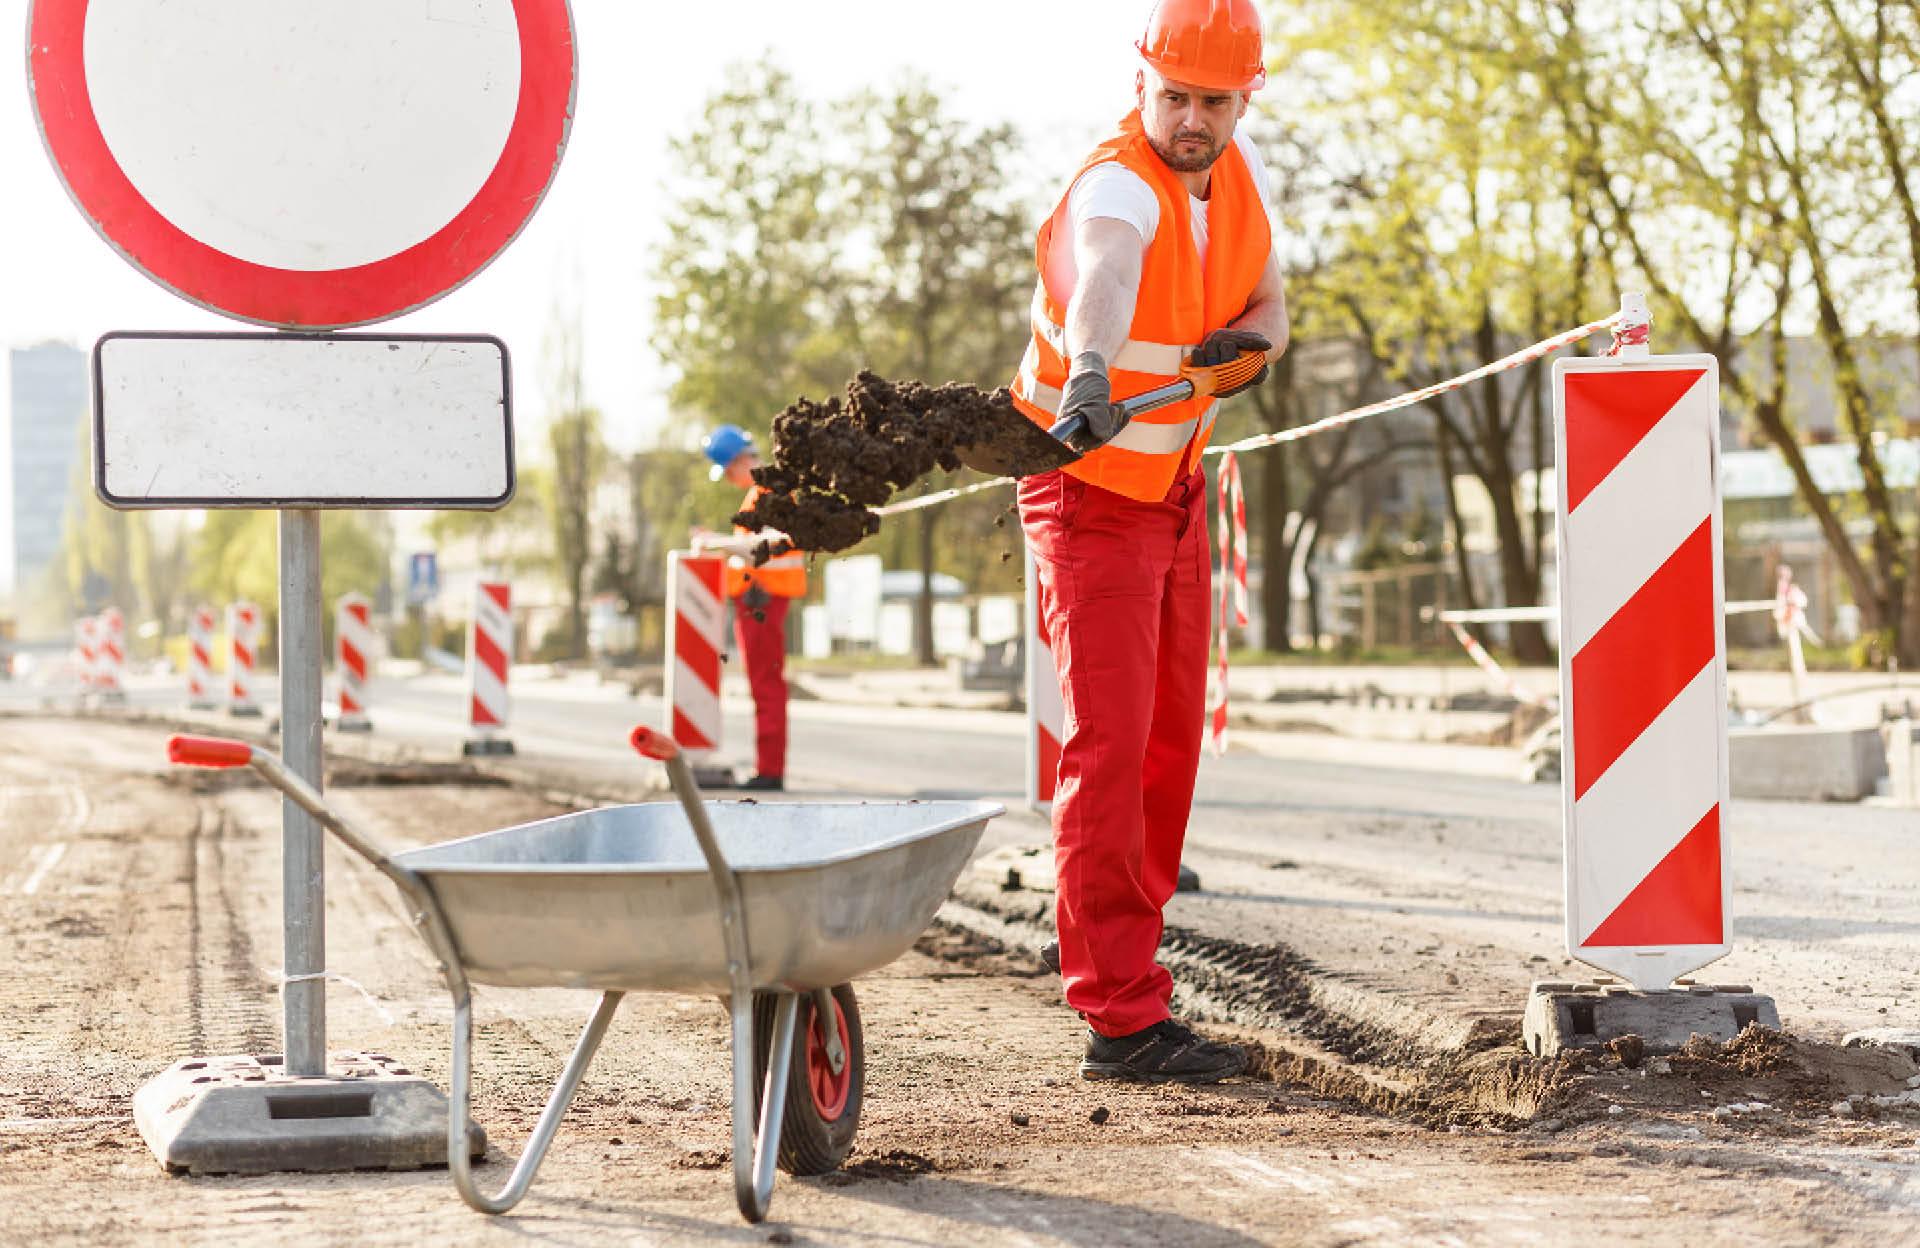 'Meer geld naar onderhoud infrastructuur'